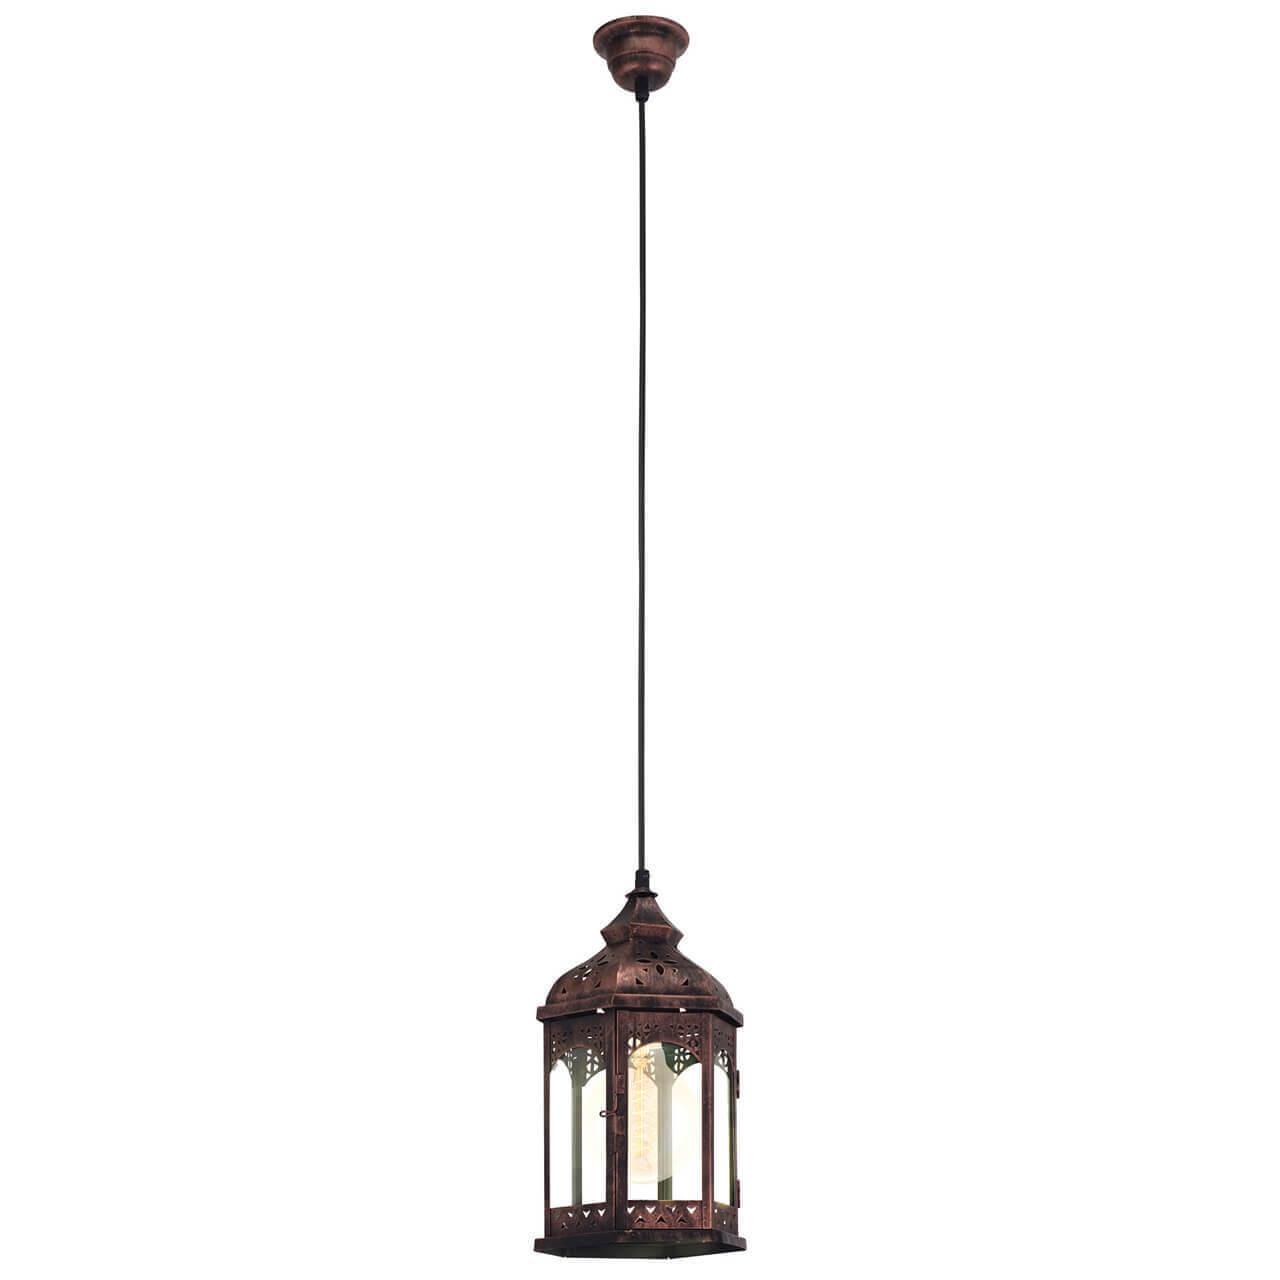 Светильник Eglo 49224 Vintage